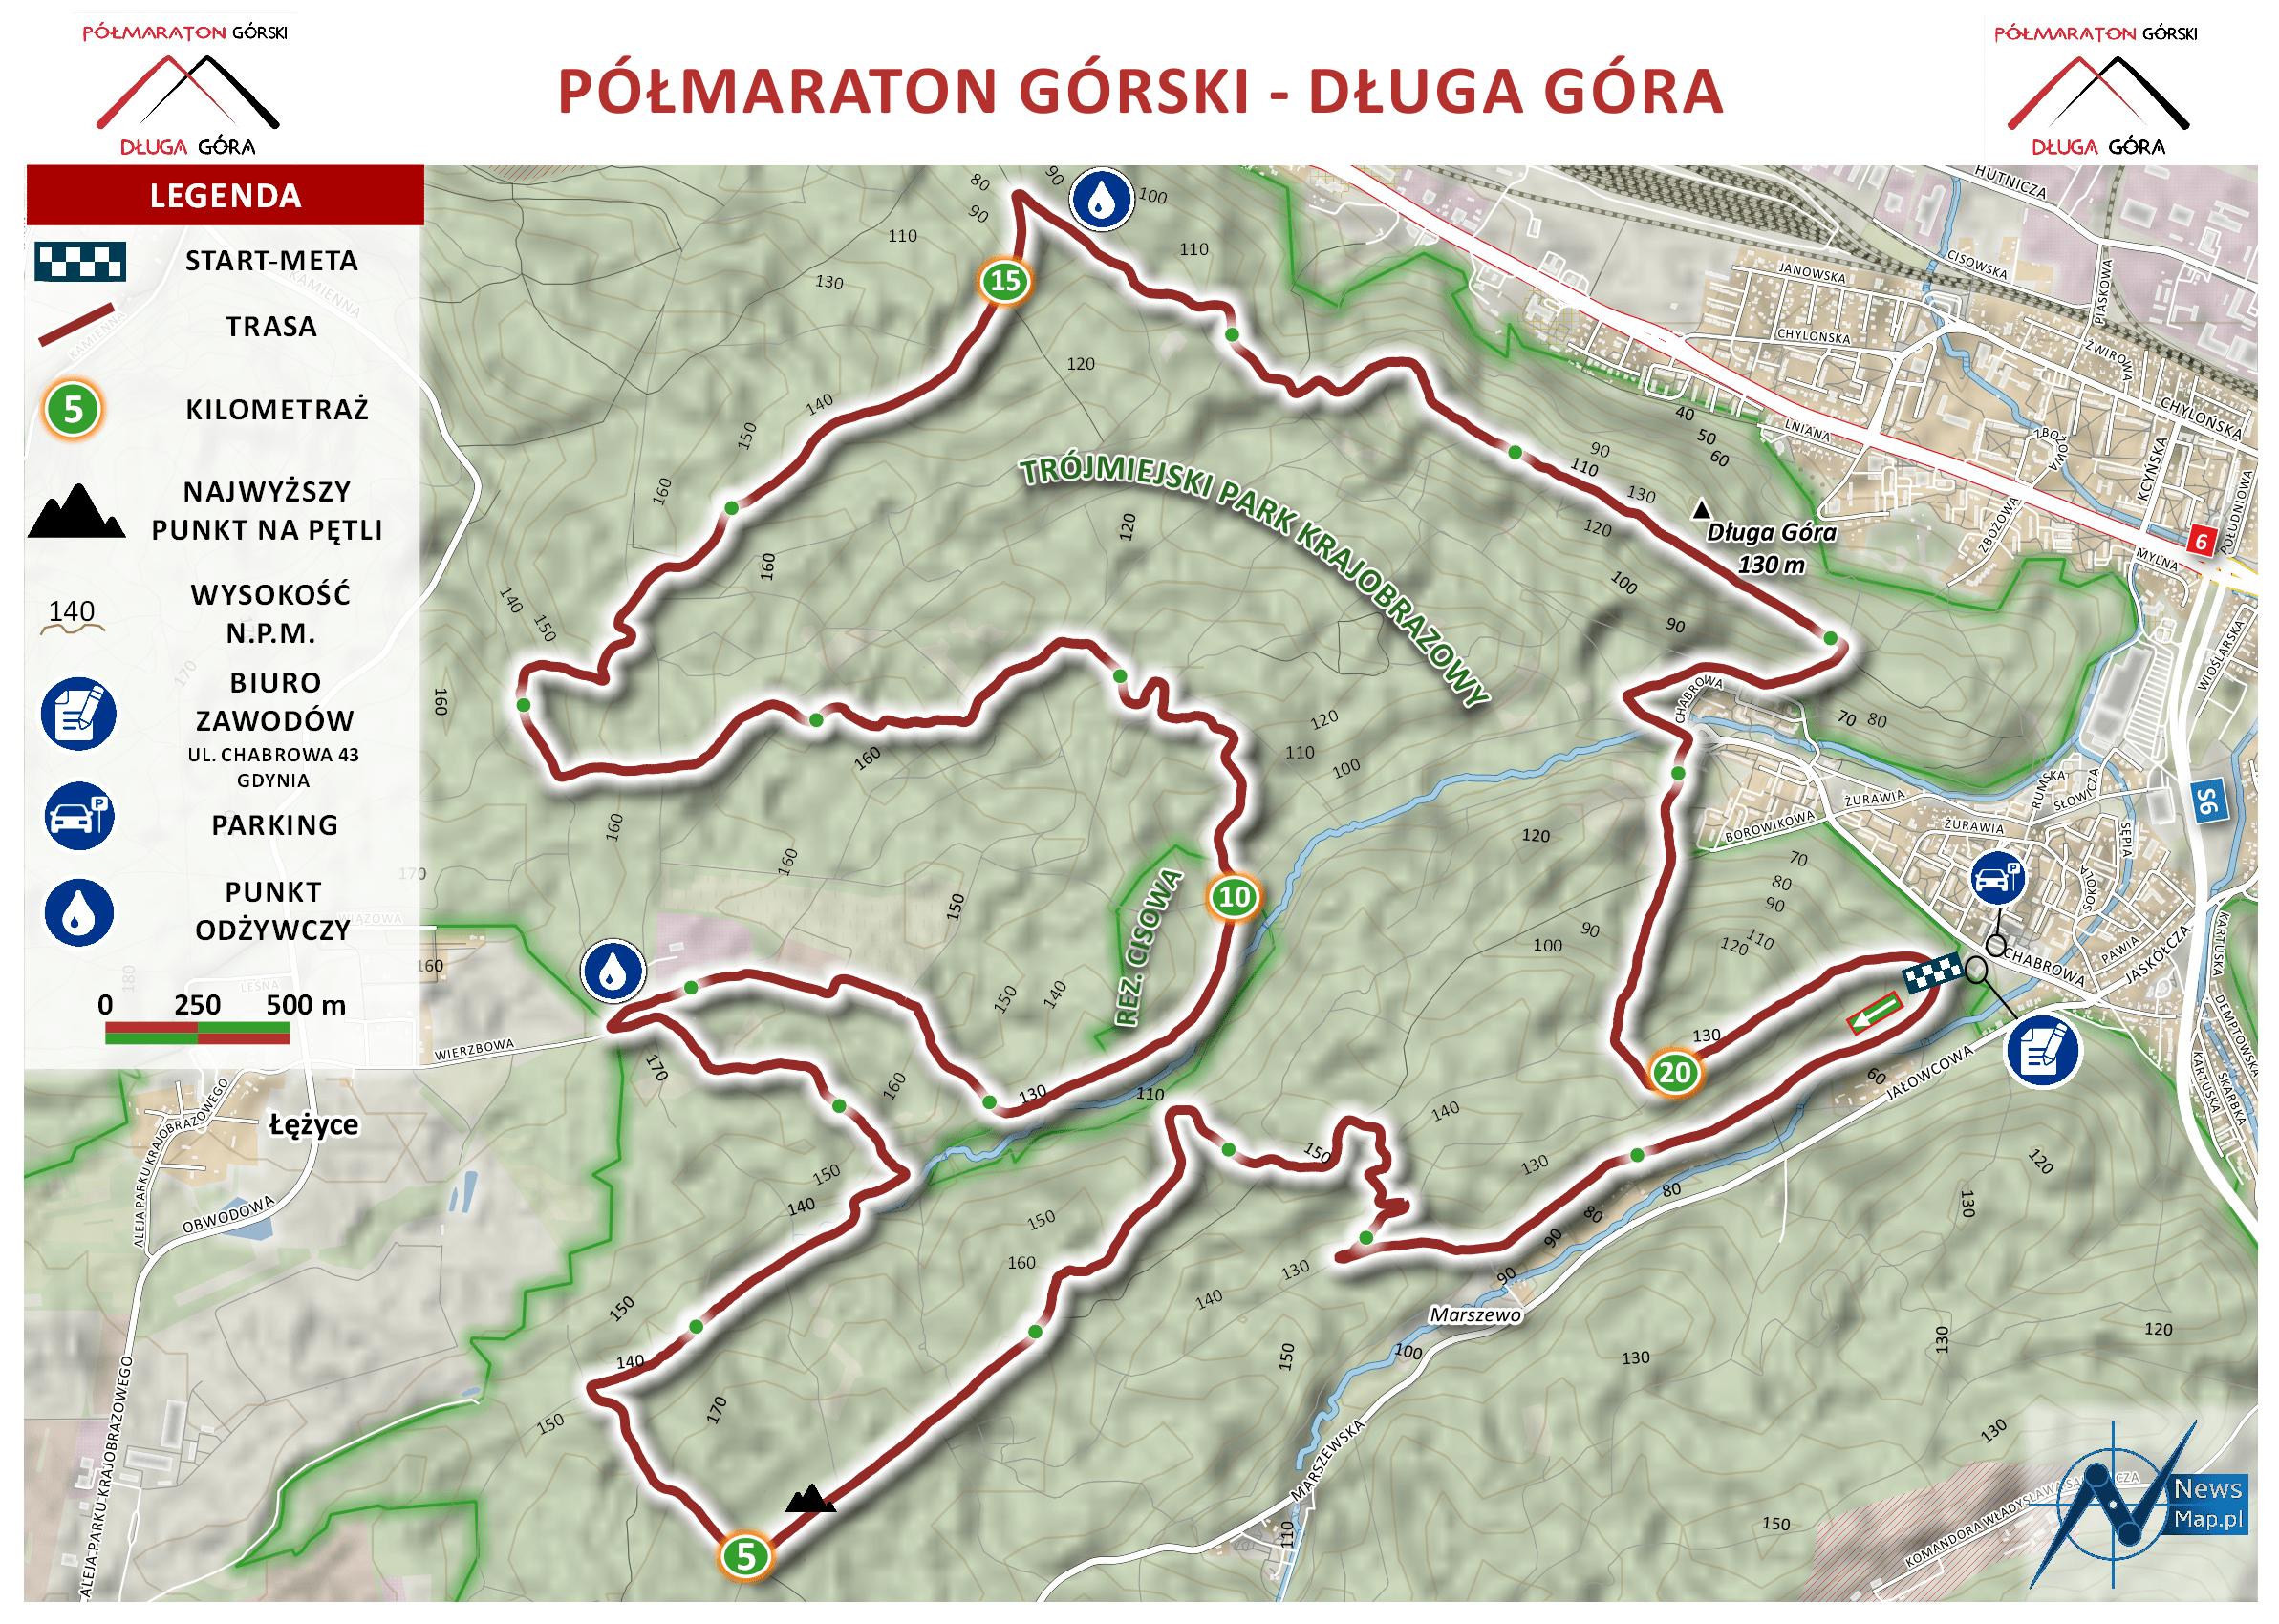 Mapa statyczna Półmaratonu Górskiego - Długa Góra (on-line)